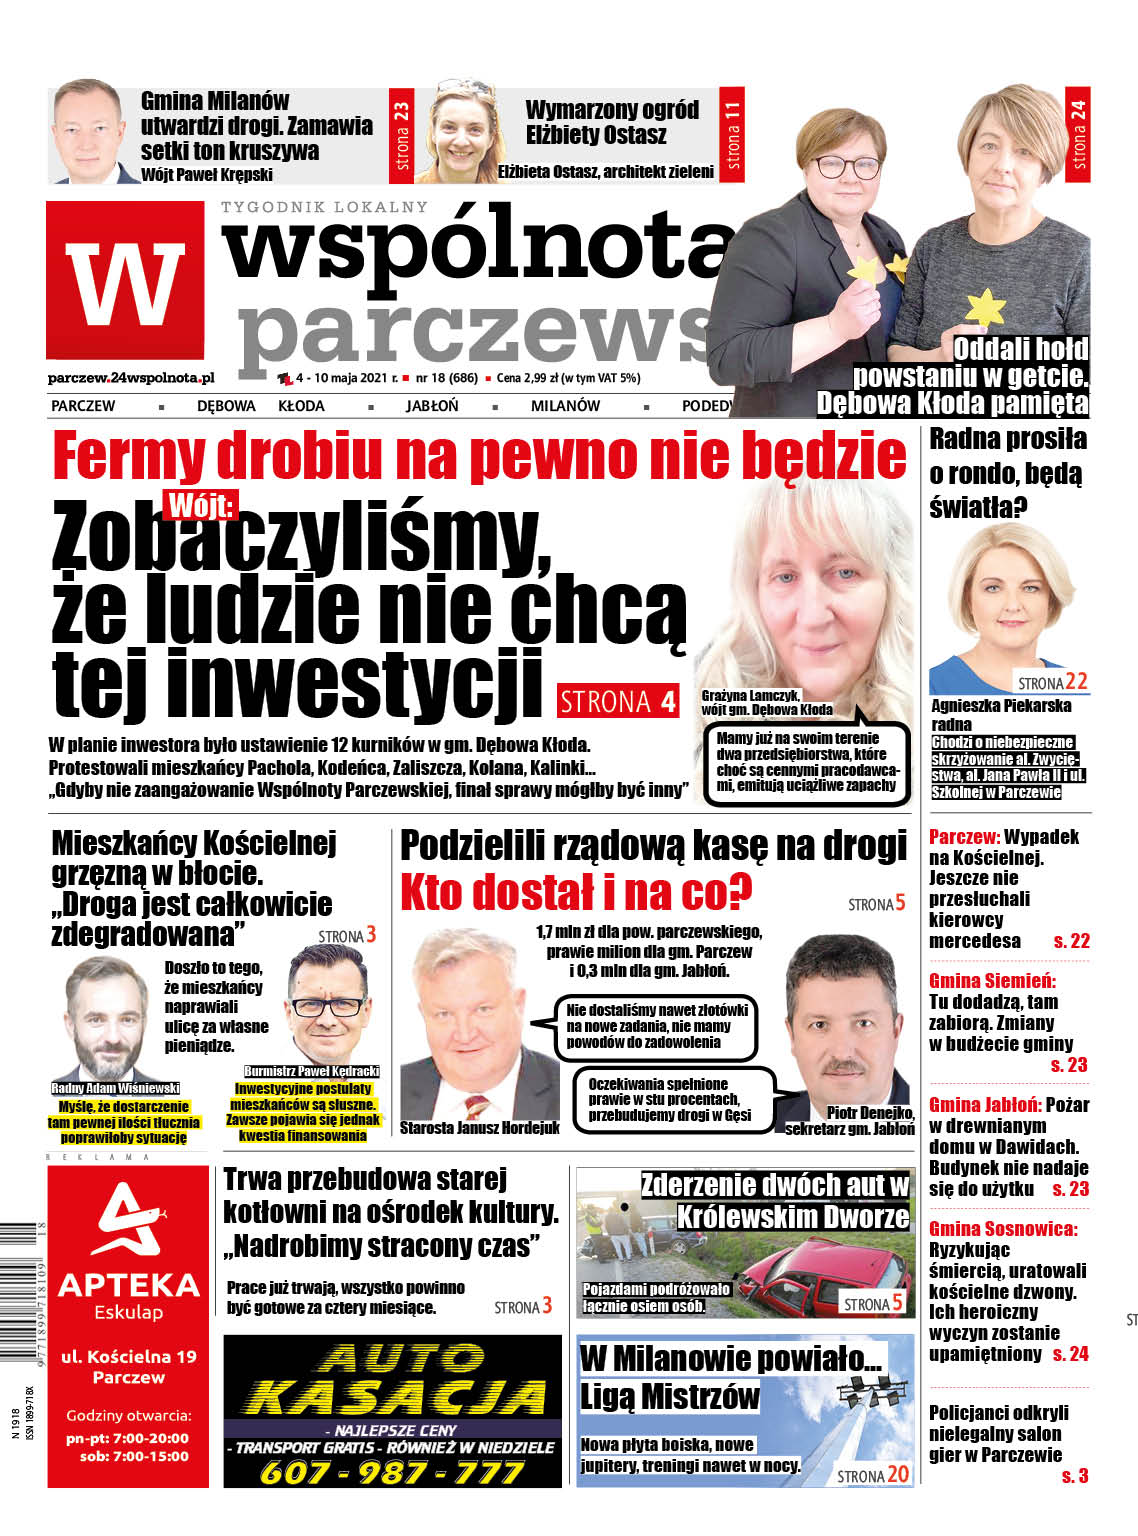 """Powiat parczewski: Fermy drobiu na pewno nie będzie. Mieszkańcy Pachola dziękują """"Wspólnocie"""" - Zdjęcie główne"""